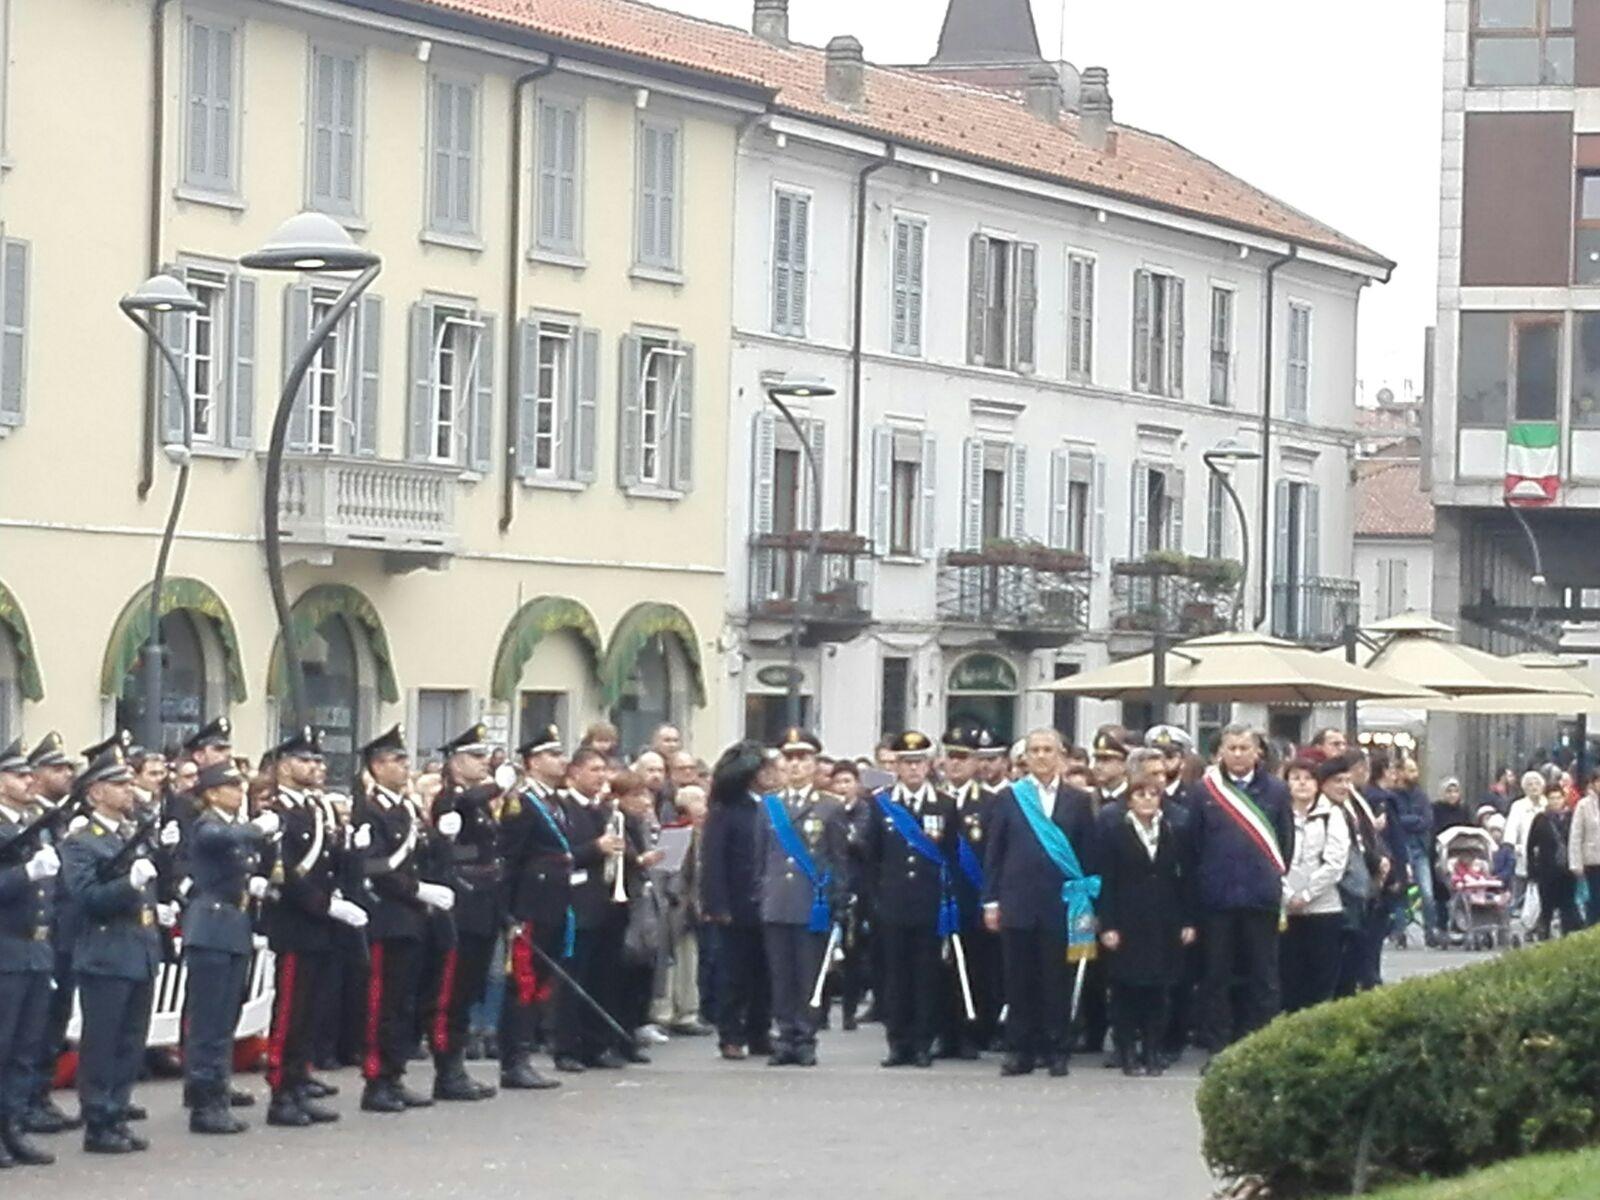 Adunata in piazza per celebrare l'unità nazionale